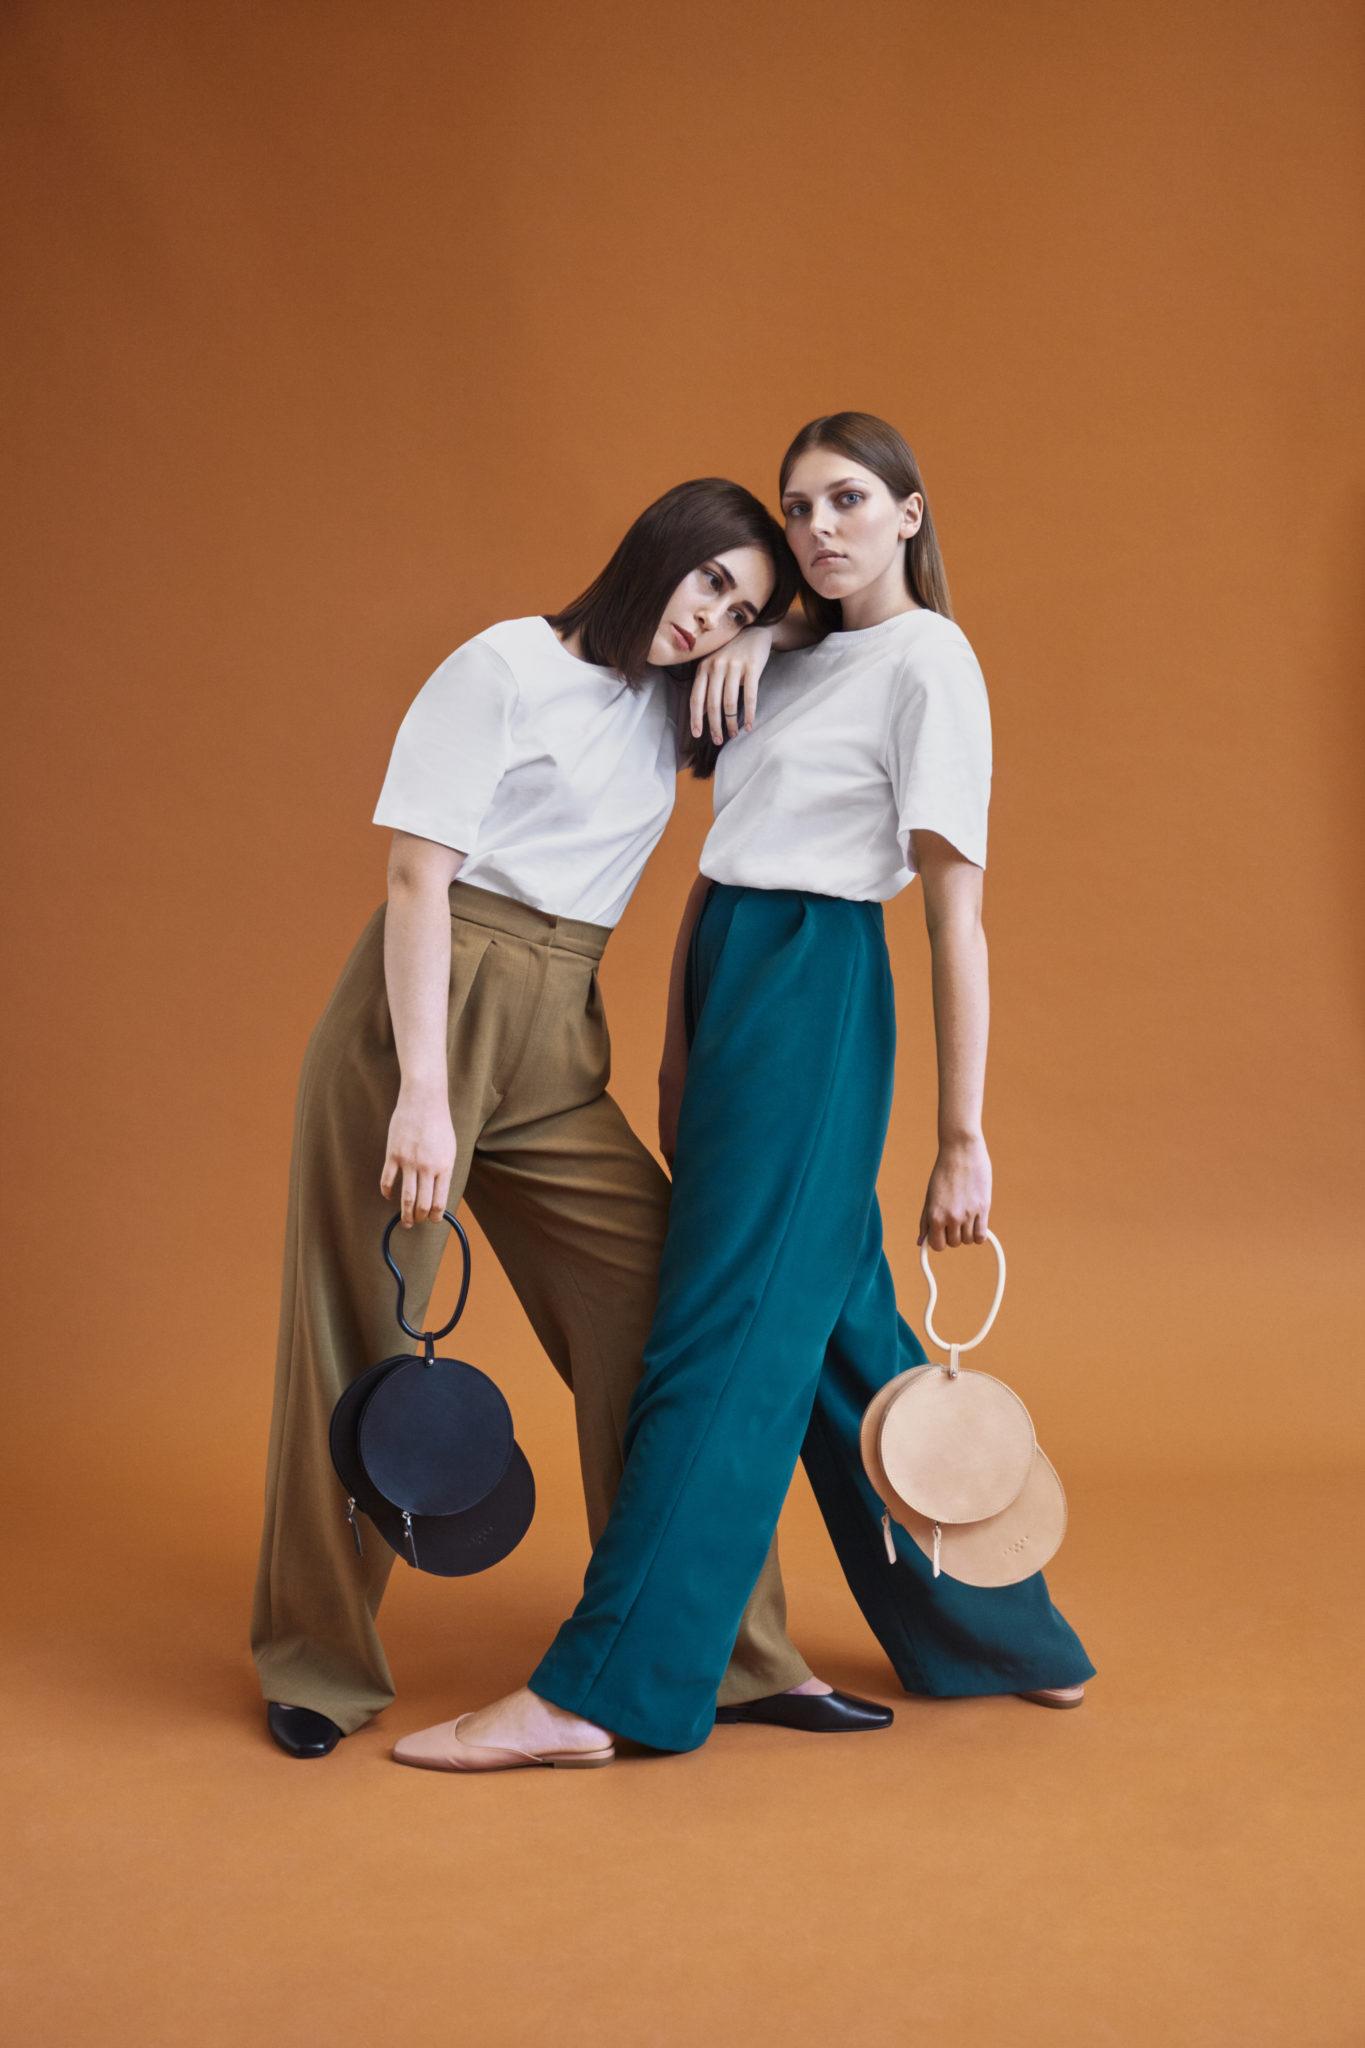 Na zdjeciu widzimy dwie dziewczyny oparte o siebie trzymajace okragle torby